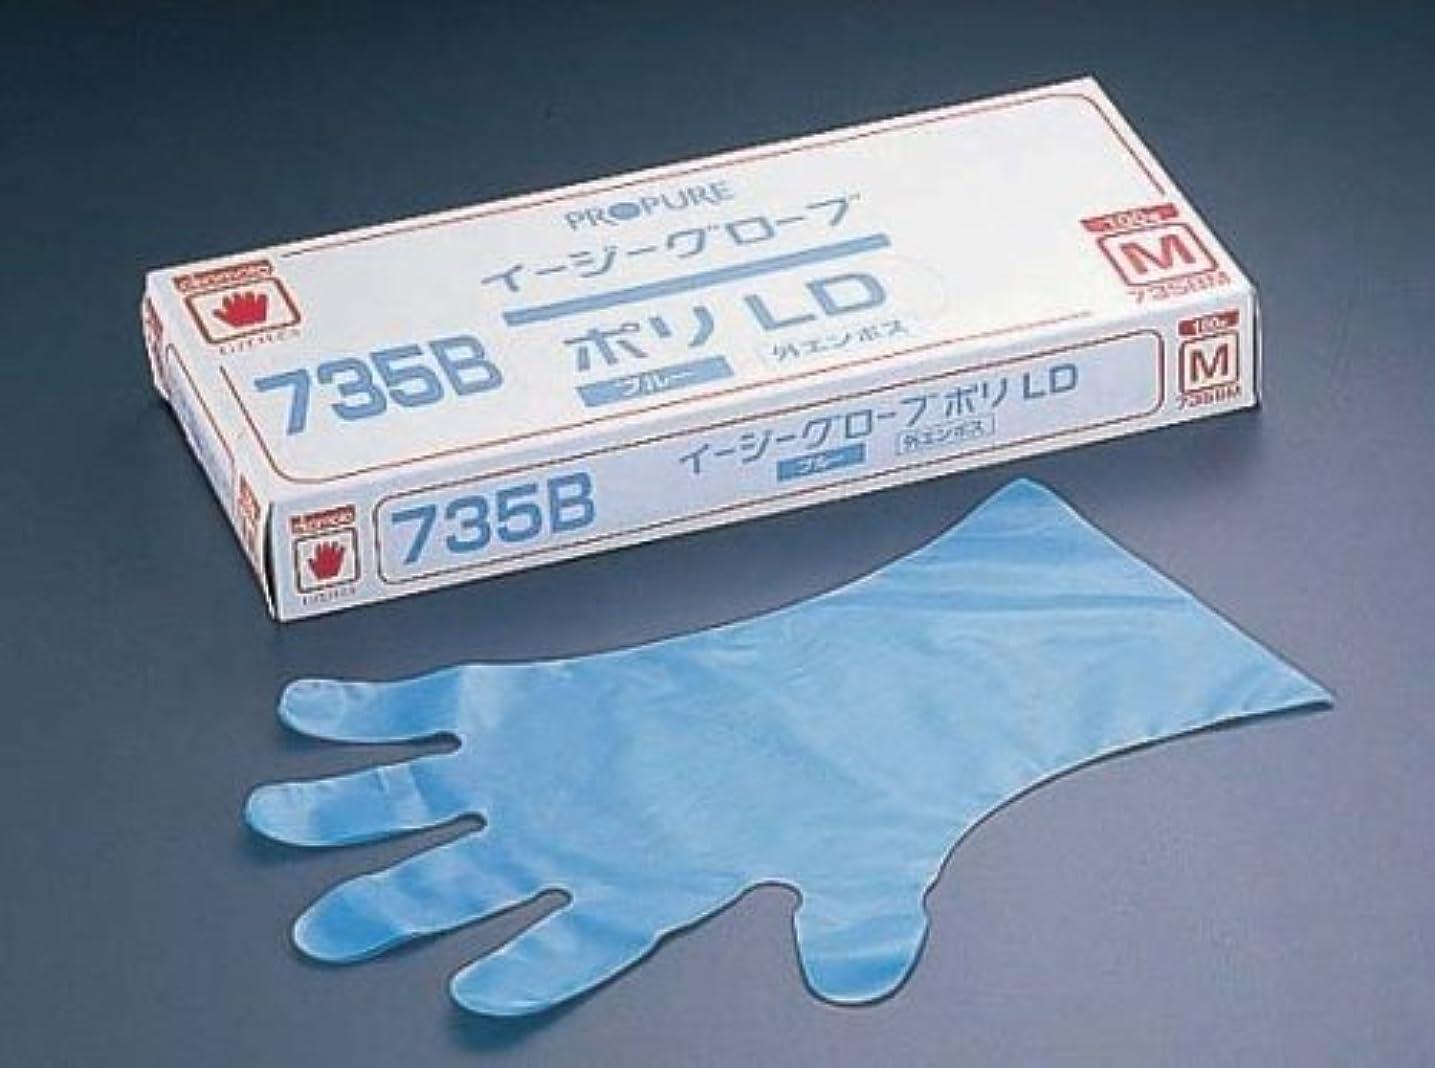 後方寓話有益なイージーグローブ 指先ぴったり ブルー